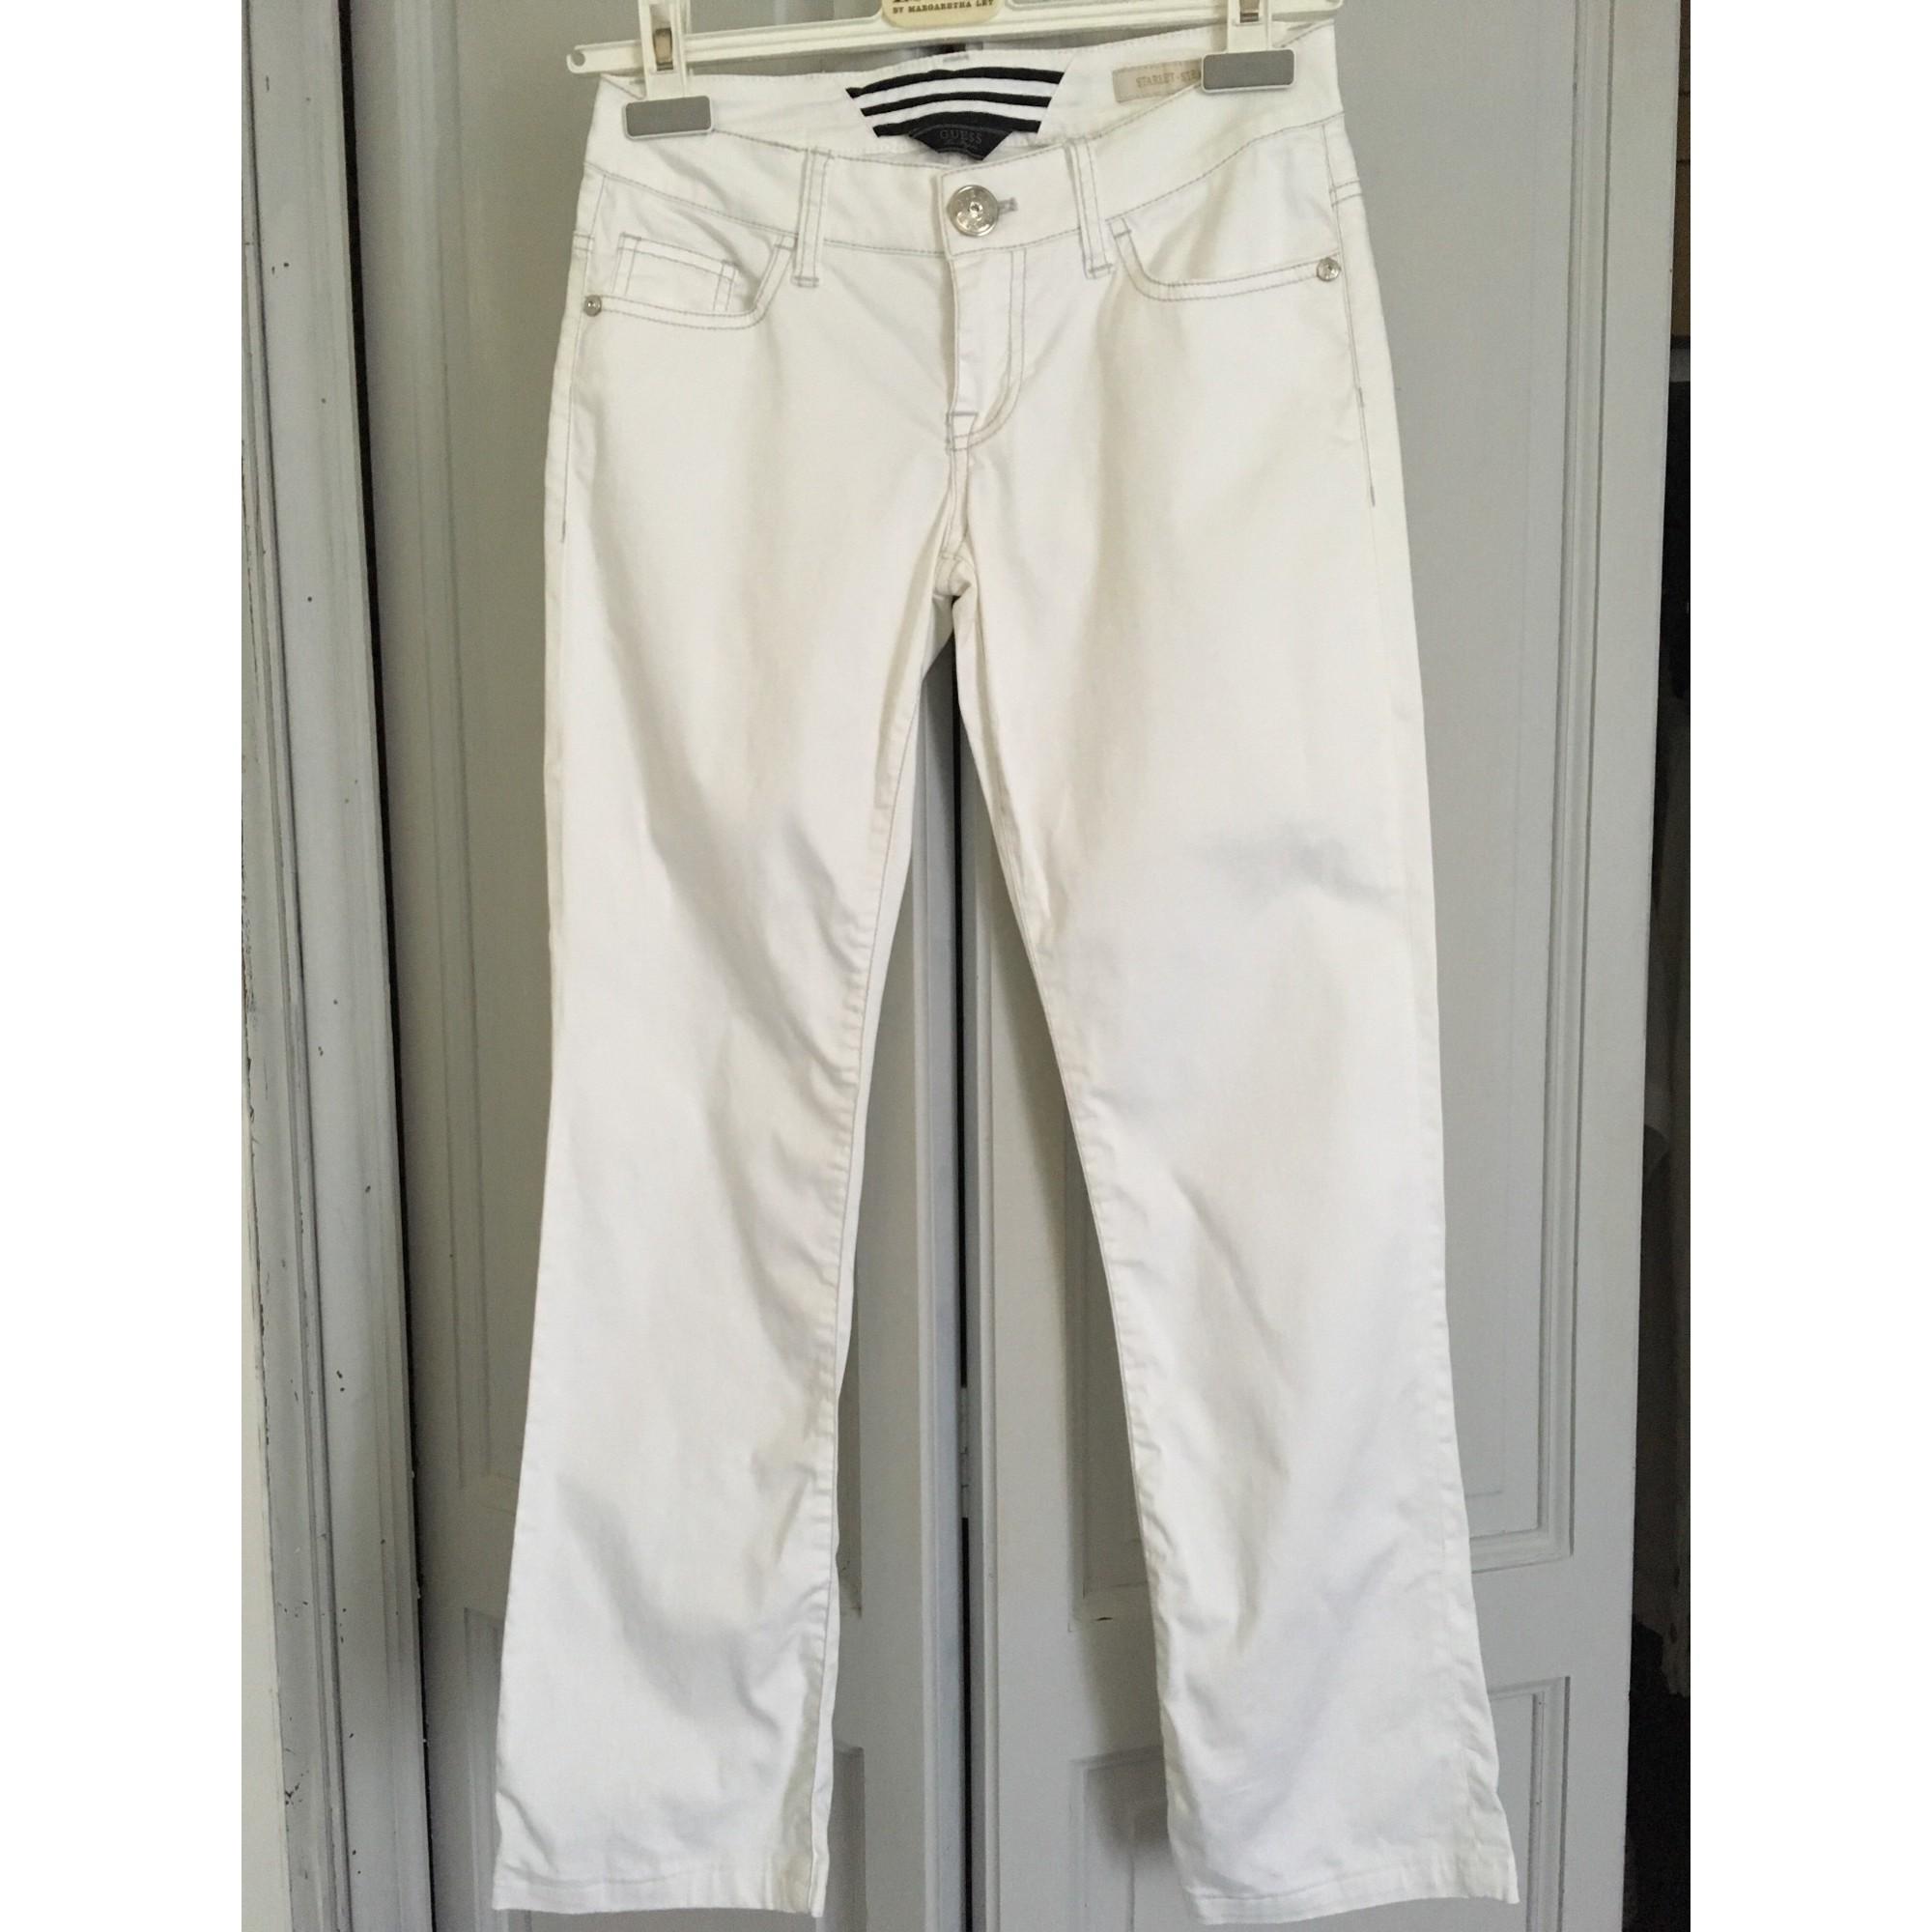 Jeans droit GUESS Blanc, blanc cassé, écru